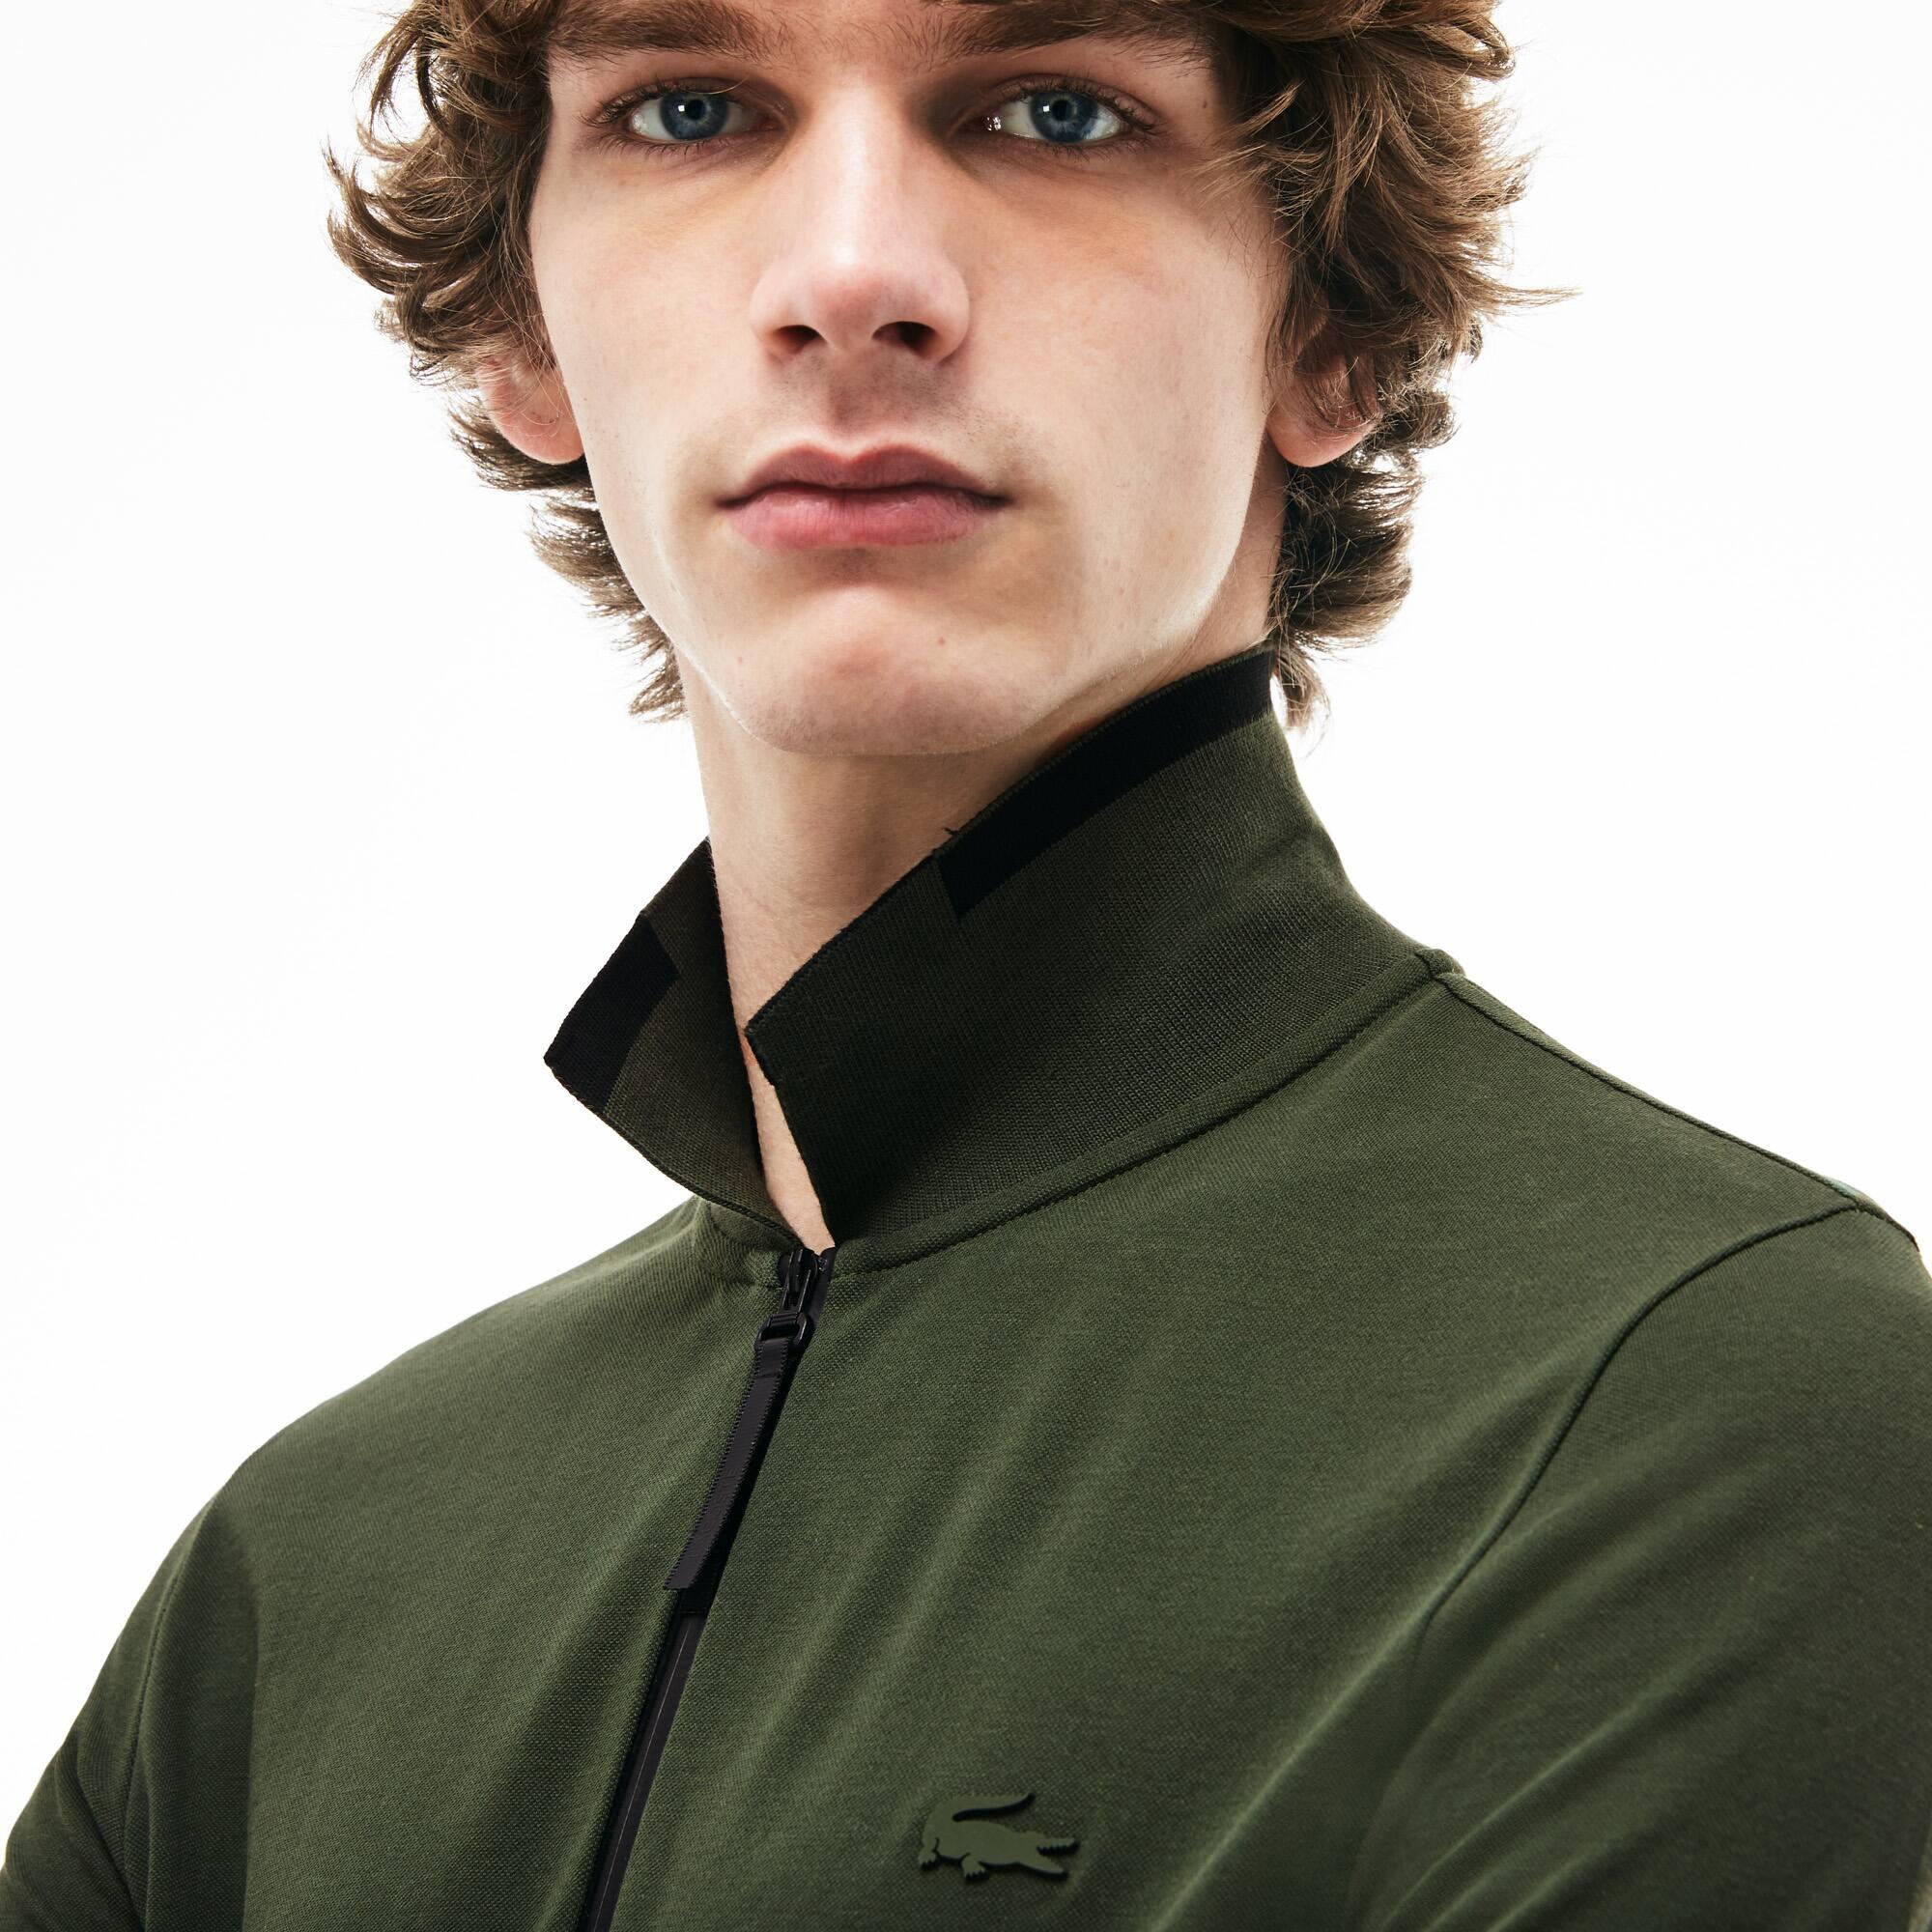 ed4de779d9 Men's Lacoste Motion Slim Fit Zip Collar Cotton Piqué Polo Shirt